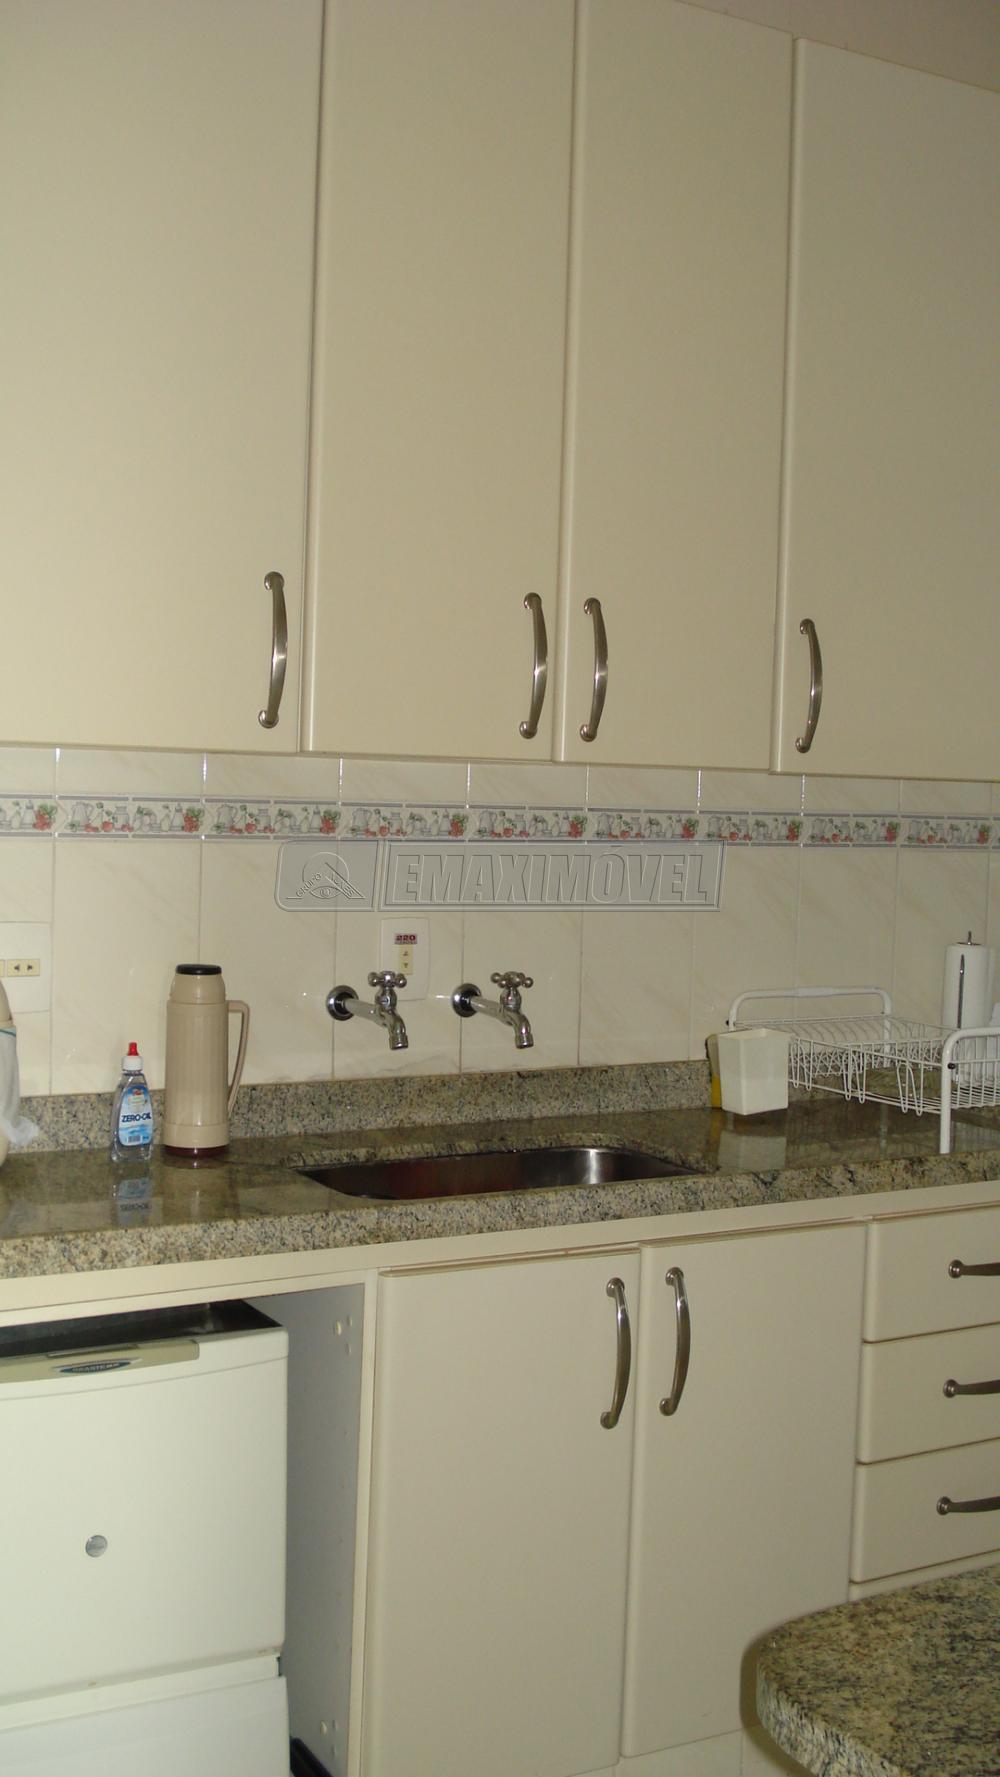 Comprar Apartamentos / Apto Padrão em Sorocaba apenas R$ 450.000,00 - Foto 8